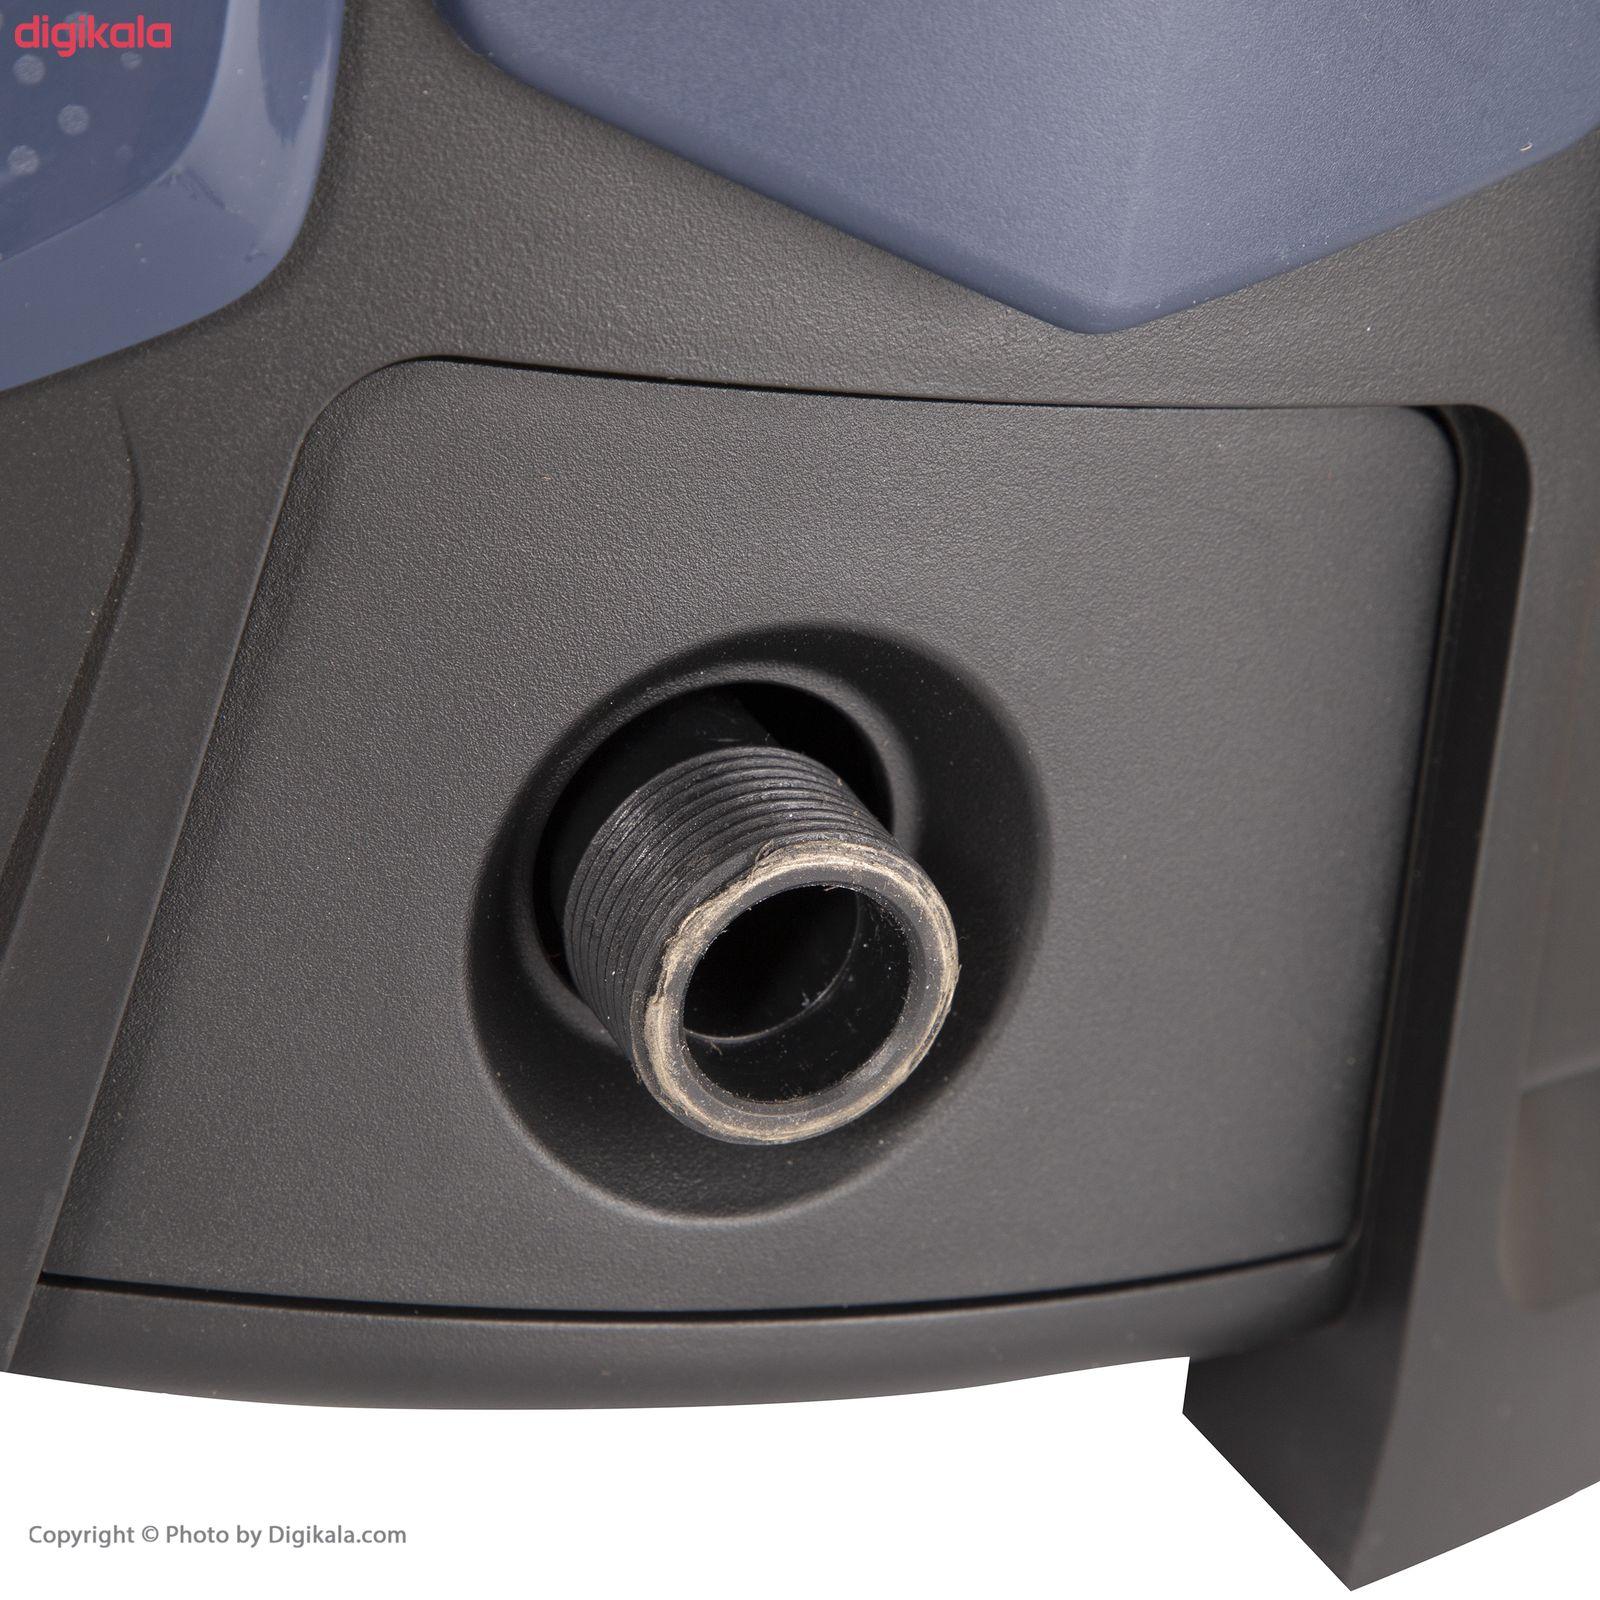 کارواش اکتیو تولز مدل AC29140C main 1 2